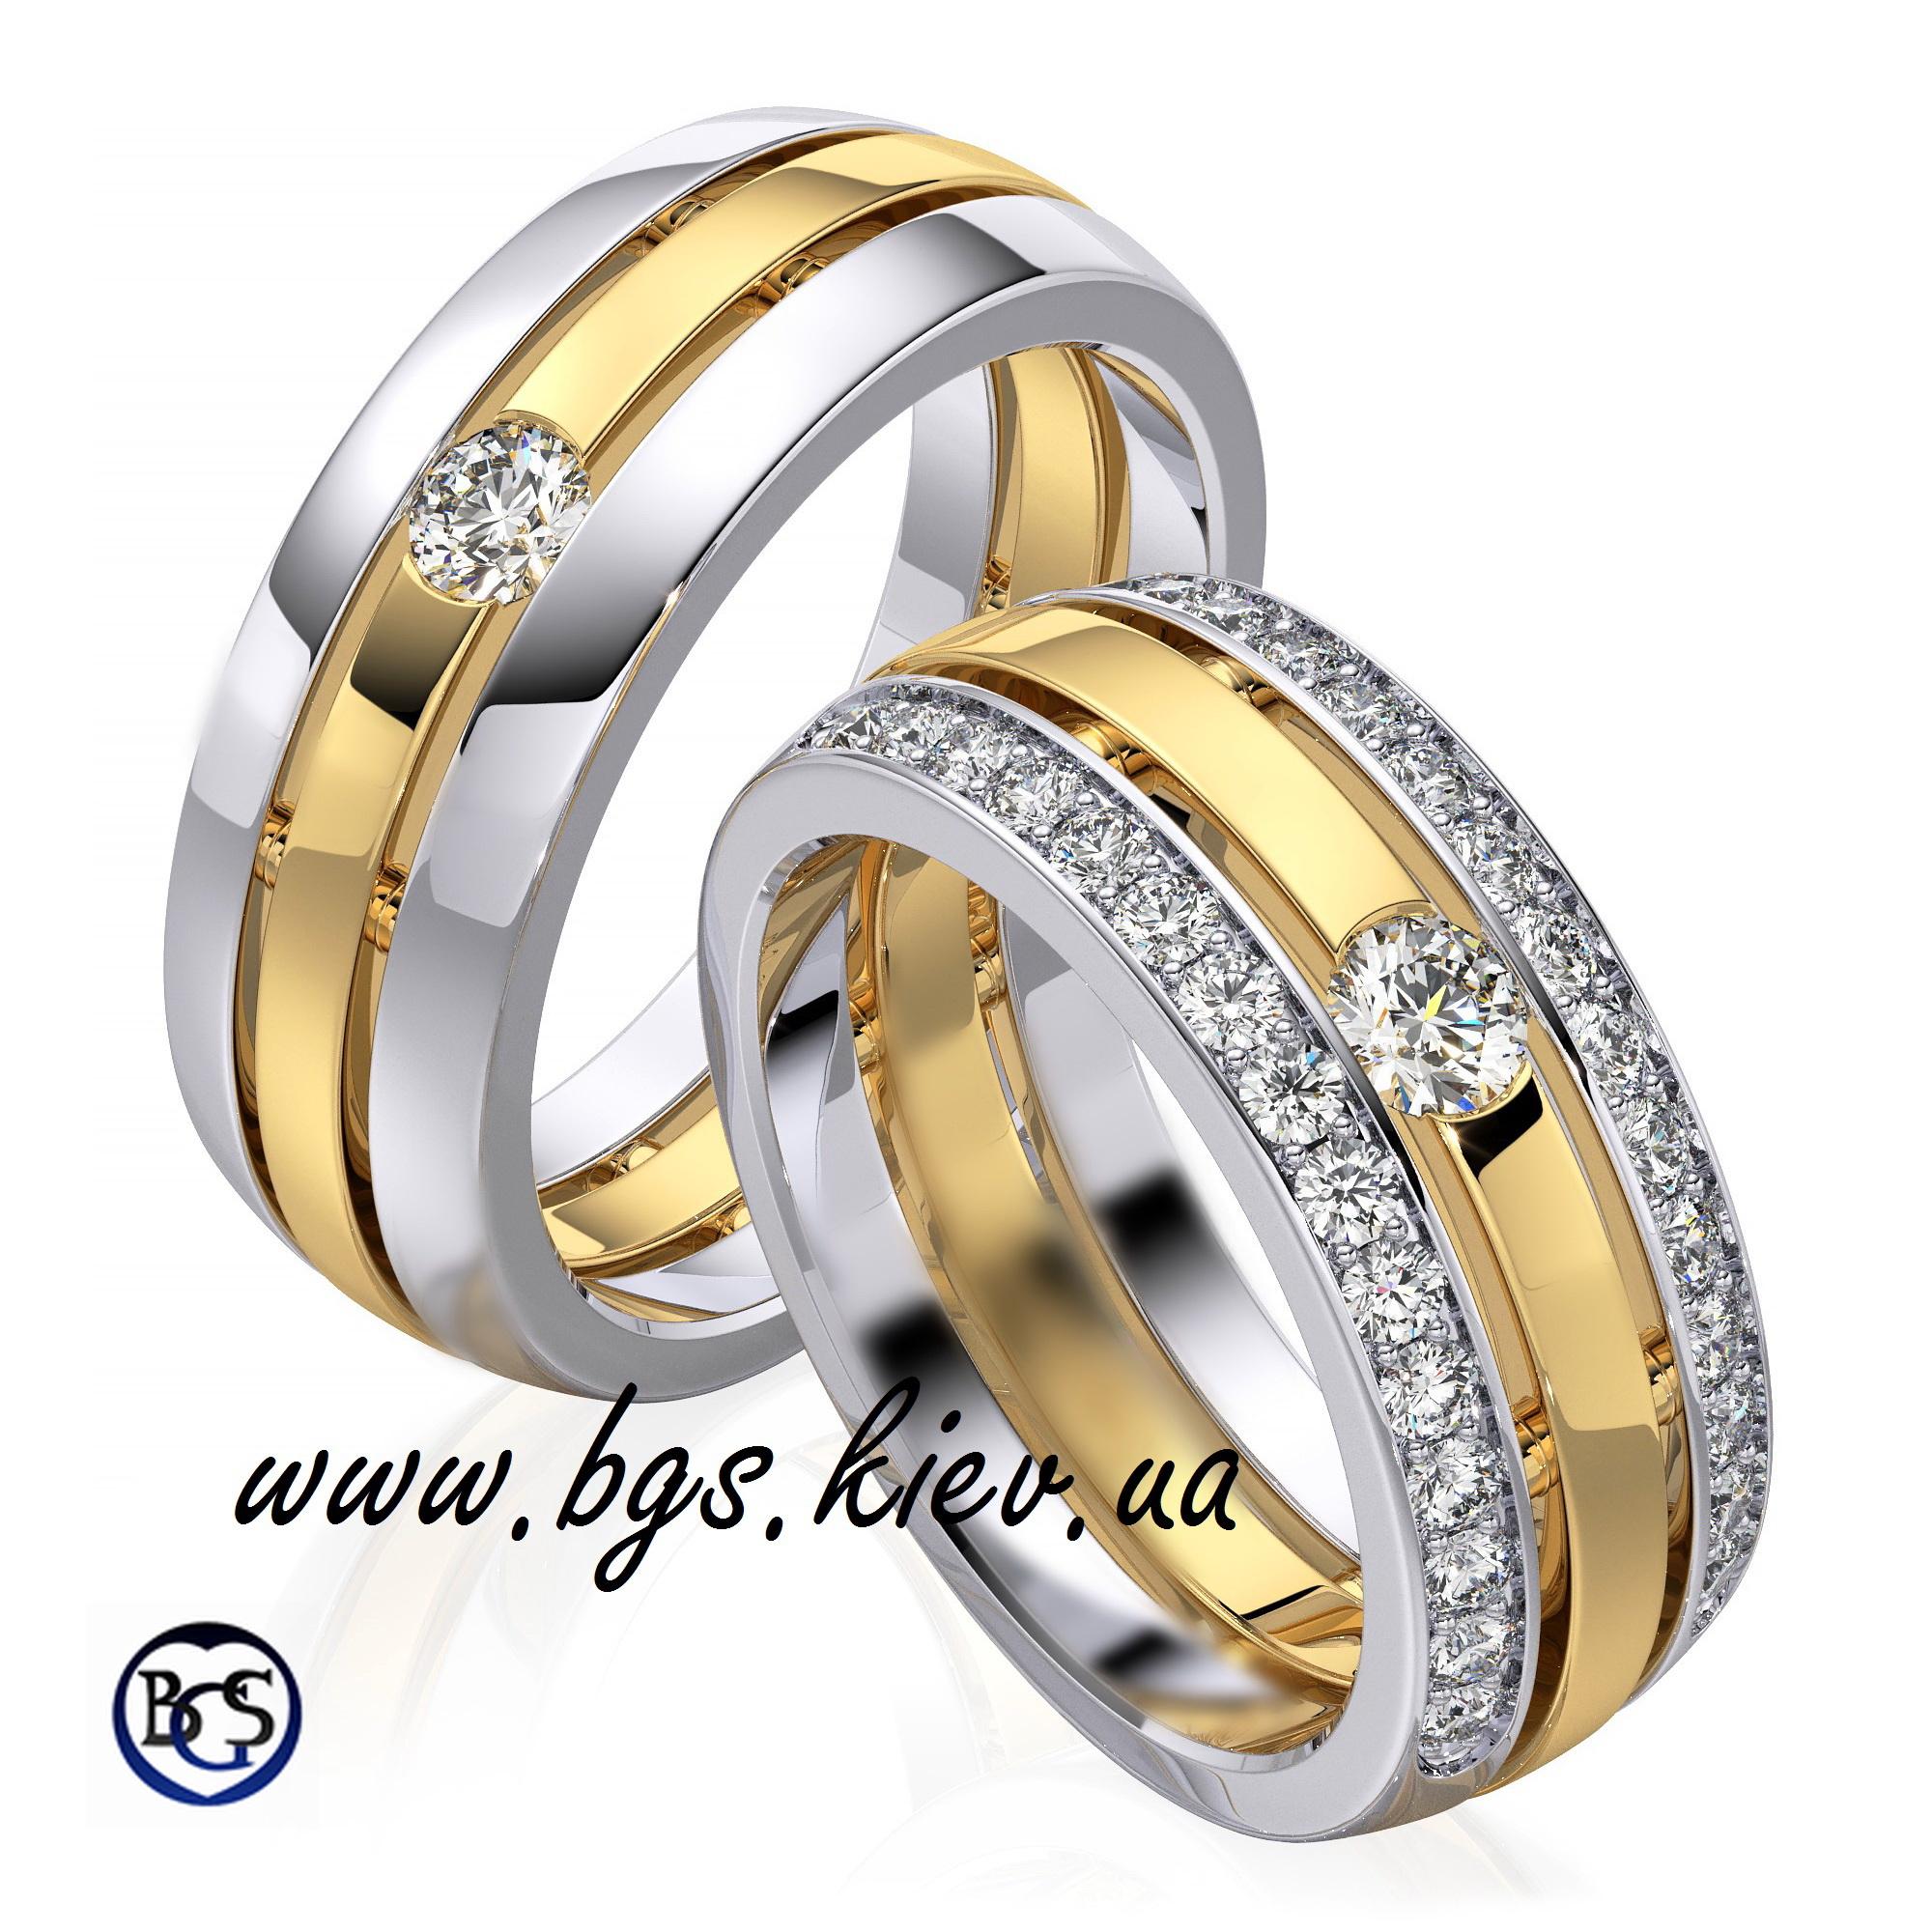 дизайнерские обручальные кольца на заказ из двух цветов золота. Обручальные кольца из комбинированного золота, купить обручальное кольцо, обручальные кольца белое золото, оригинальные обручальные кольца, обручальные кольца цены, обручальные кольца киев цена, кольца свадебные, красивые кольца, купить кольцо всевластия, кольца купить киев, мужские обручальные кольца, обручальное кольцо купить, красивые обручальные кольца, необычные обручальные кольца, обручальние кольца, золотые кольца каталог, обручальные кольца цена киев, обручальное кольцо купить киев, золотые кольца купить киев, золотые обручальные кольца, обручальные кольца серебро, обручальные кольца из серебра, обручальные кольца с бриллиантами фото, обручальные кольца на заказ киев, кольца обручальные фото, кольца купить, золотые кольца цена, кольца с бриллиантом, золотые кольца цены, купить кольца, изделия с бриллиантами, кольца с эмалью, оригинальные кольца, необычные кольца, ювелирные изделия с бриллиантами, парные кольца, желтое золото, кольца киев купить, купить кольца киев, обручальные кольца фото цены, классические обручальные кольца, обручальные кольца с камнями, широкие обручальные кольца, обручальные кольца цены киев, дизайнерские обручальные кольца, обручальные кольца с эмалью, обручальные кольца недорого, брендовые обручальные кольца, обручальное кольцо белое золото, обручальные кольца картинки, обручальны кольца, обручальные кольца с белого золота, золотые кольца с бриллиантами, самые красивые обручальные кольца, свадебные кольца цена, золотые украшения каталог, кольца золото, кольца из золота, кольца белое золото, фото кольца, модные кольца, золотые кольца купить, каталог колец, фото свадебных колец, кольца с бриллиантами каталог, кольца на свадьбу, кольца с бриллиантами фото, купить золотые изделия, кольца золотые фото, кольца с белого золота, свадебное кольцо, золотые сережки гвоздики, золотые кольца с камнями, обручальные кольца каталог киев, цены на обручальные кольца, элитные обручальные кол